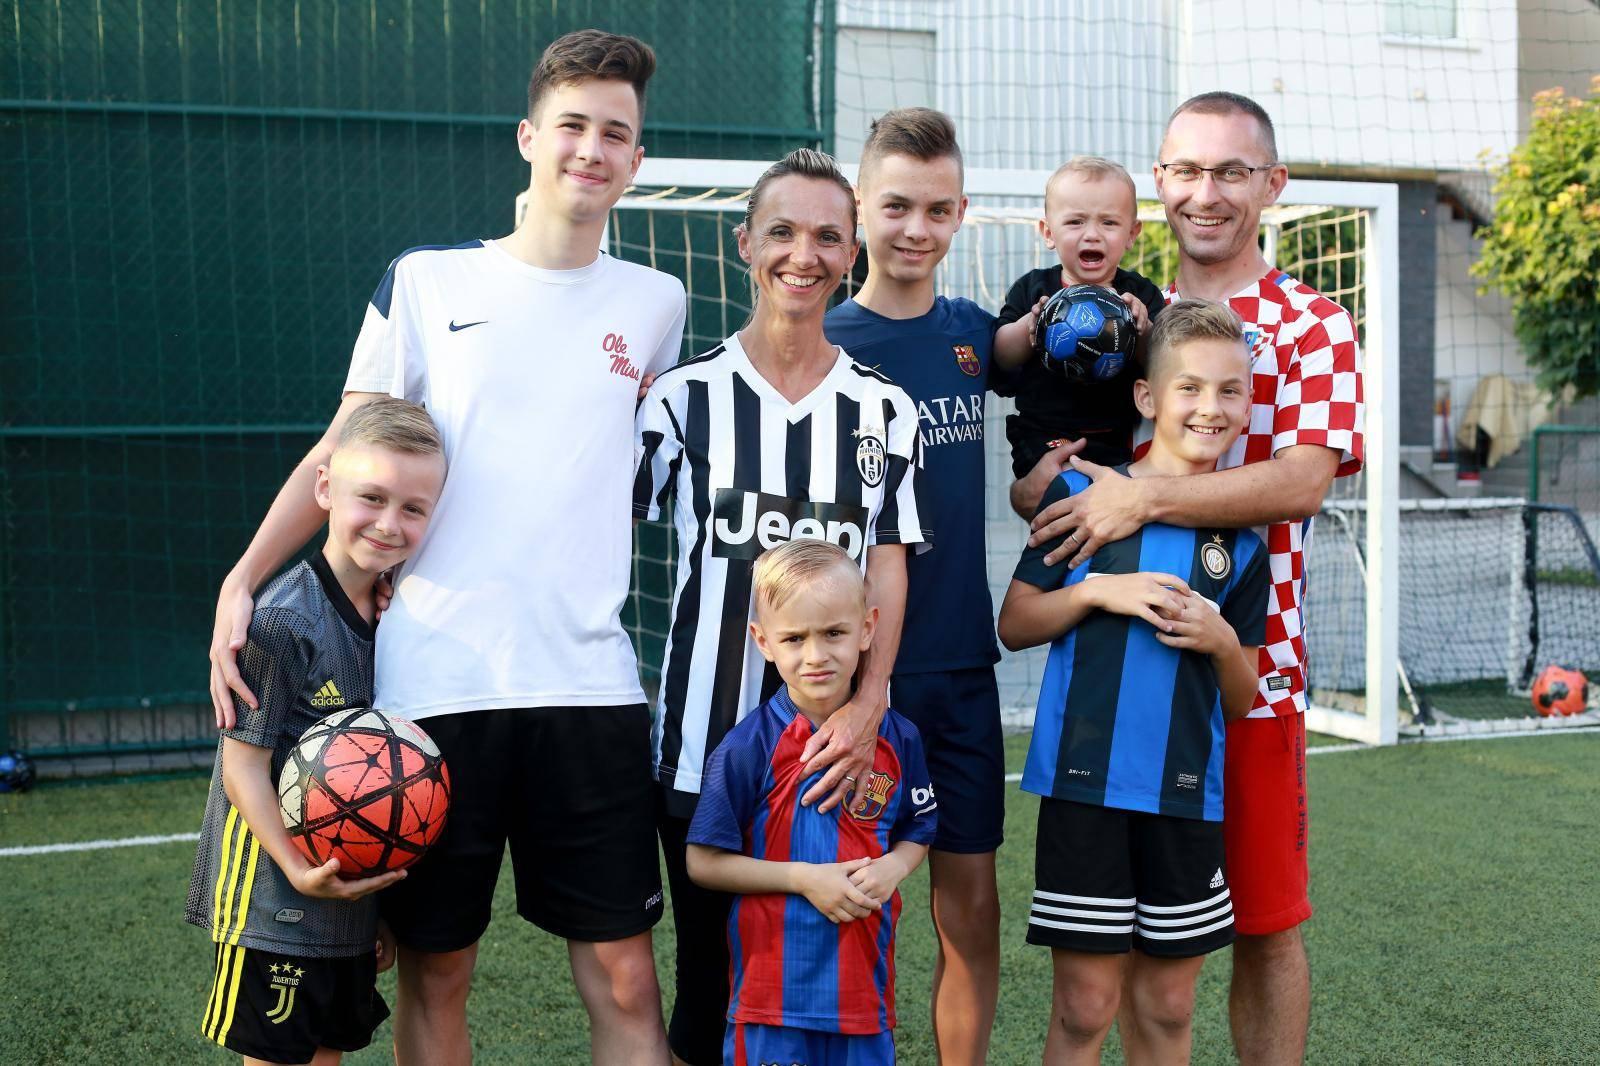 Mirela i njenih 7 nogometaša: 'Za ručak trebamo 3 kile mesa'